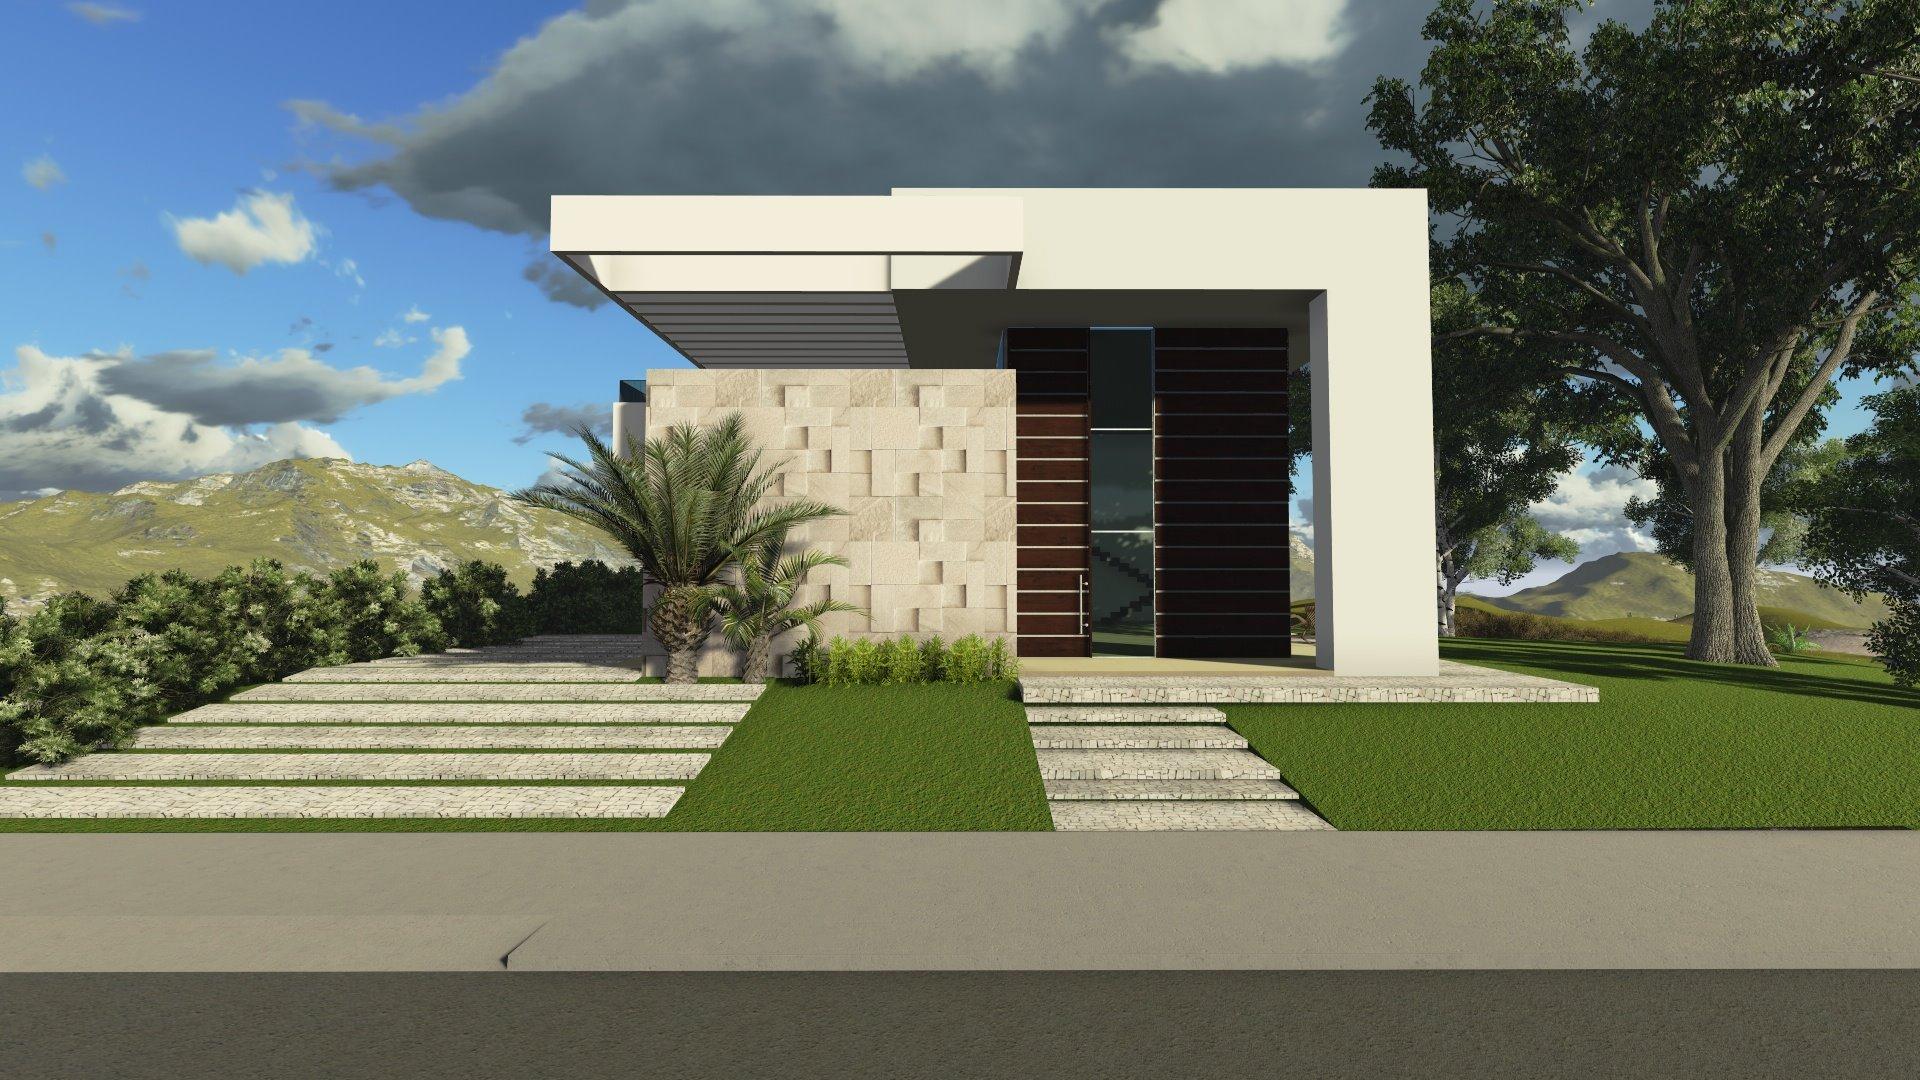 53 modelos de casas com laje for Casas contemporaneas de una planta